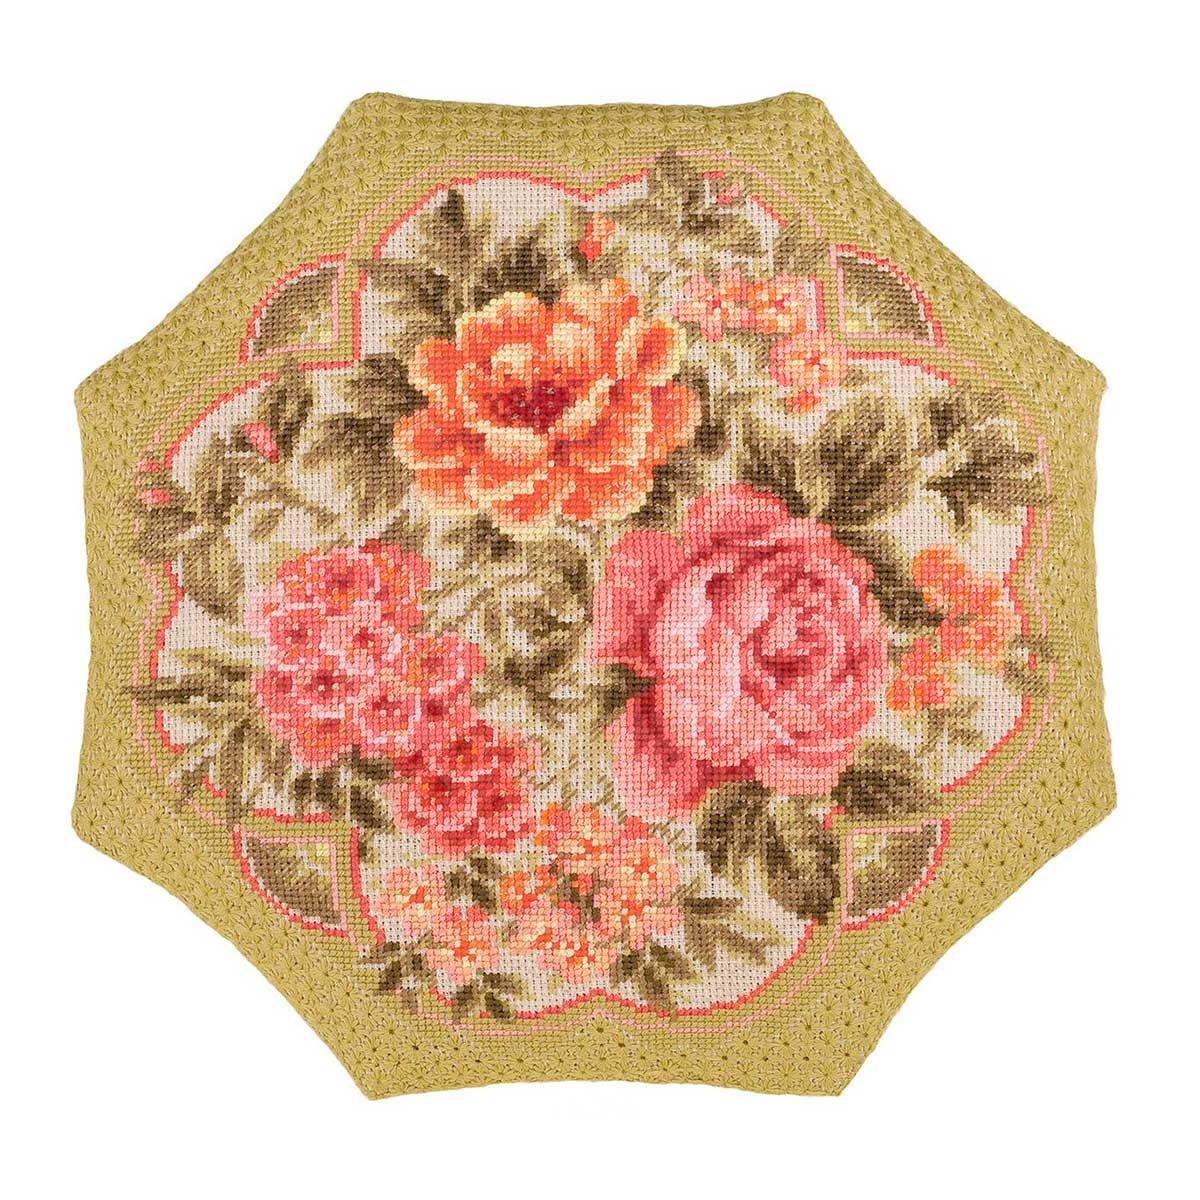 1558 Набор для вышивания Riolis подушка 'Вечерний сад', 40*40 см